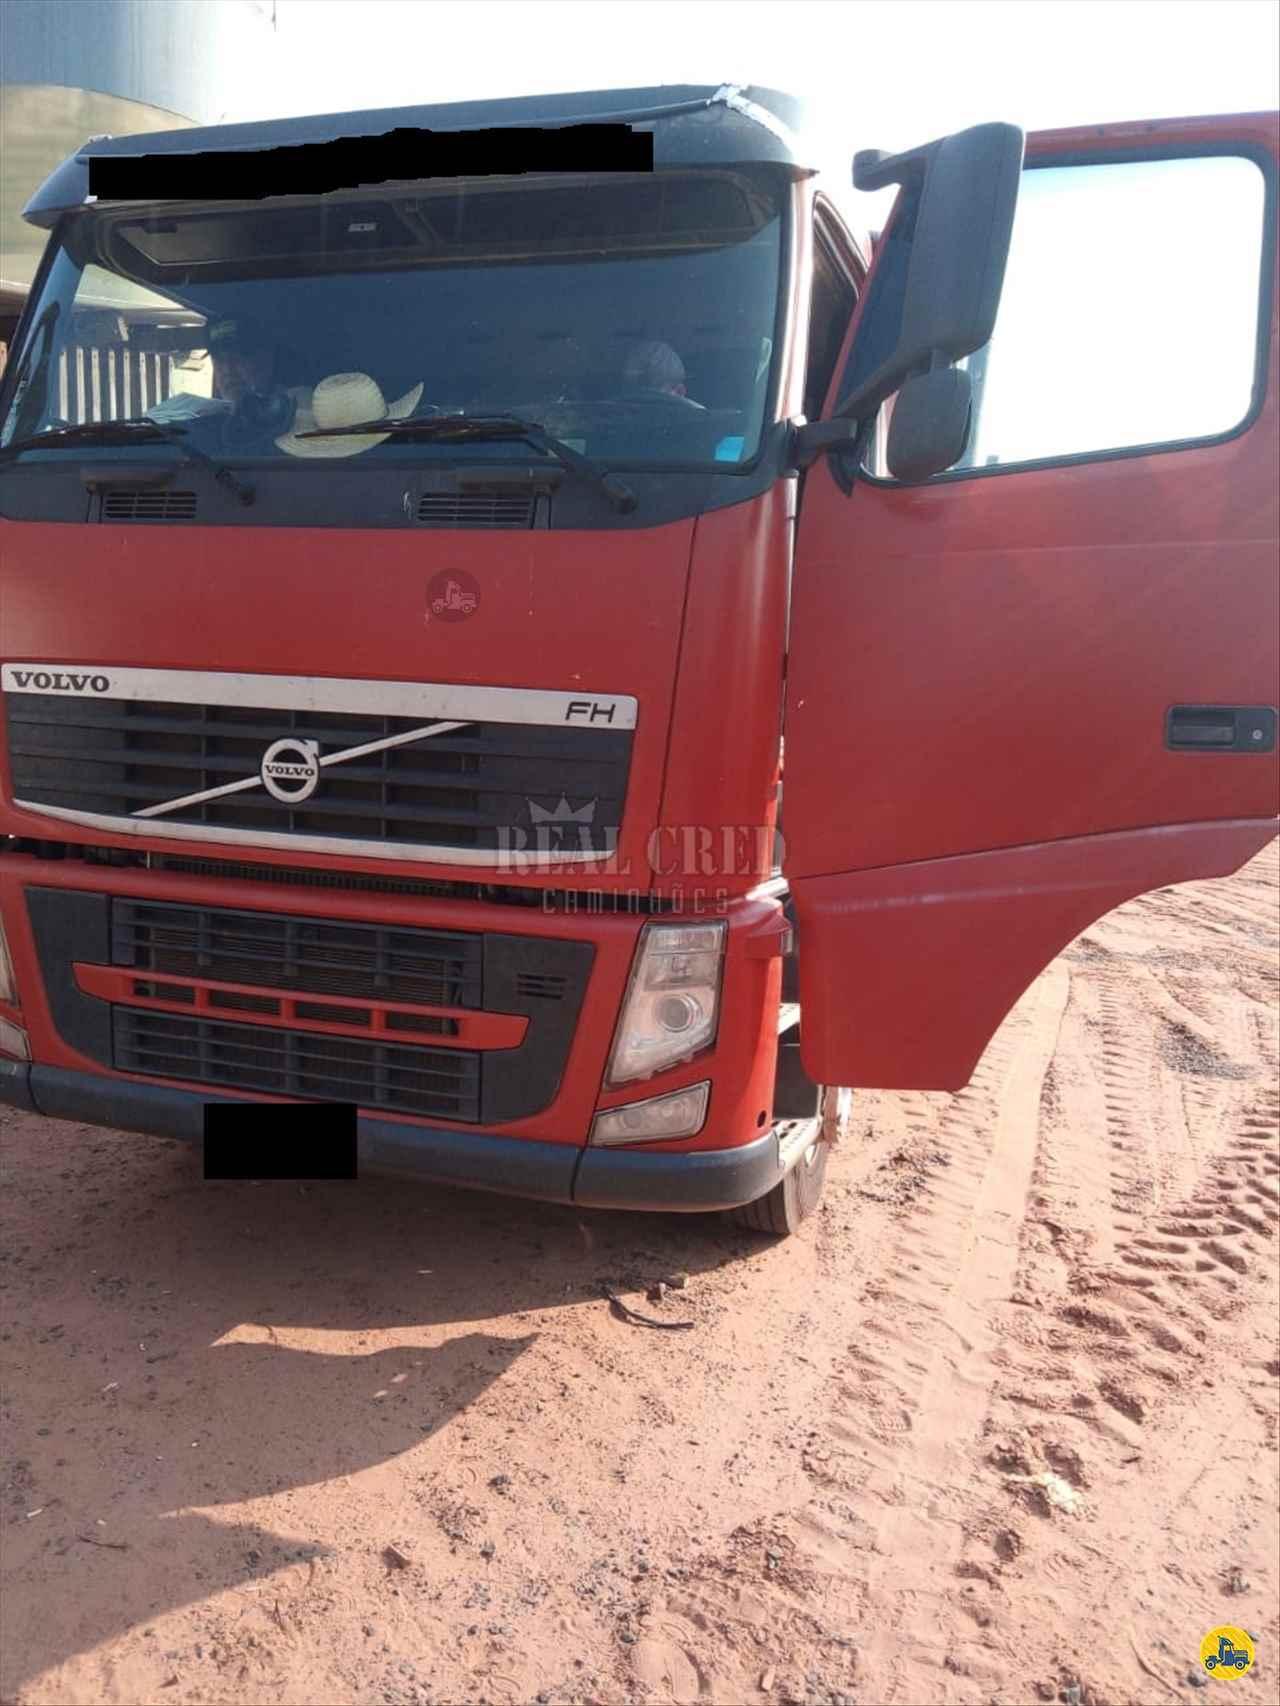 CAMINHAO VOLVO VOLVO FH 500 Cavalo Mecânico Traçado 6x4 Real Cred Caminhões PIEDADE SÃO PAULO SP